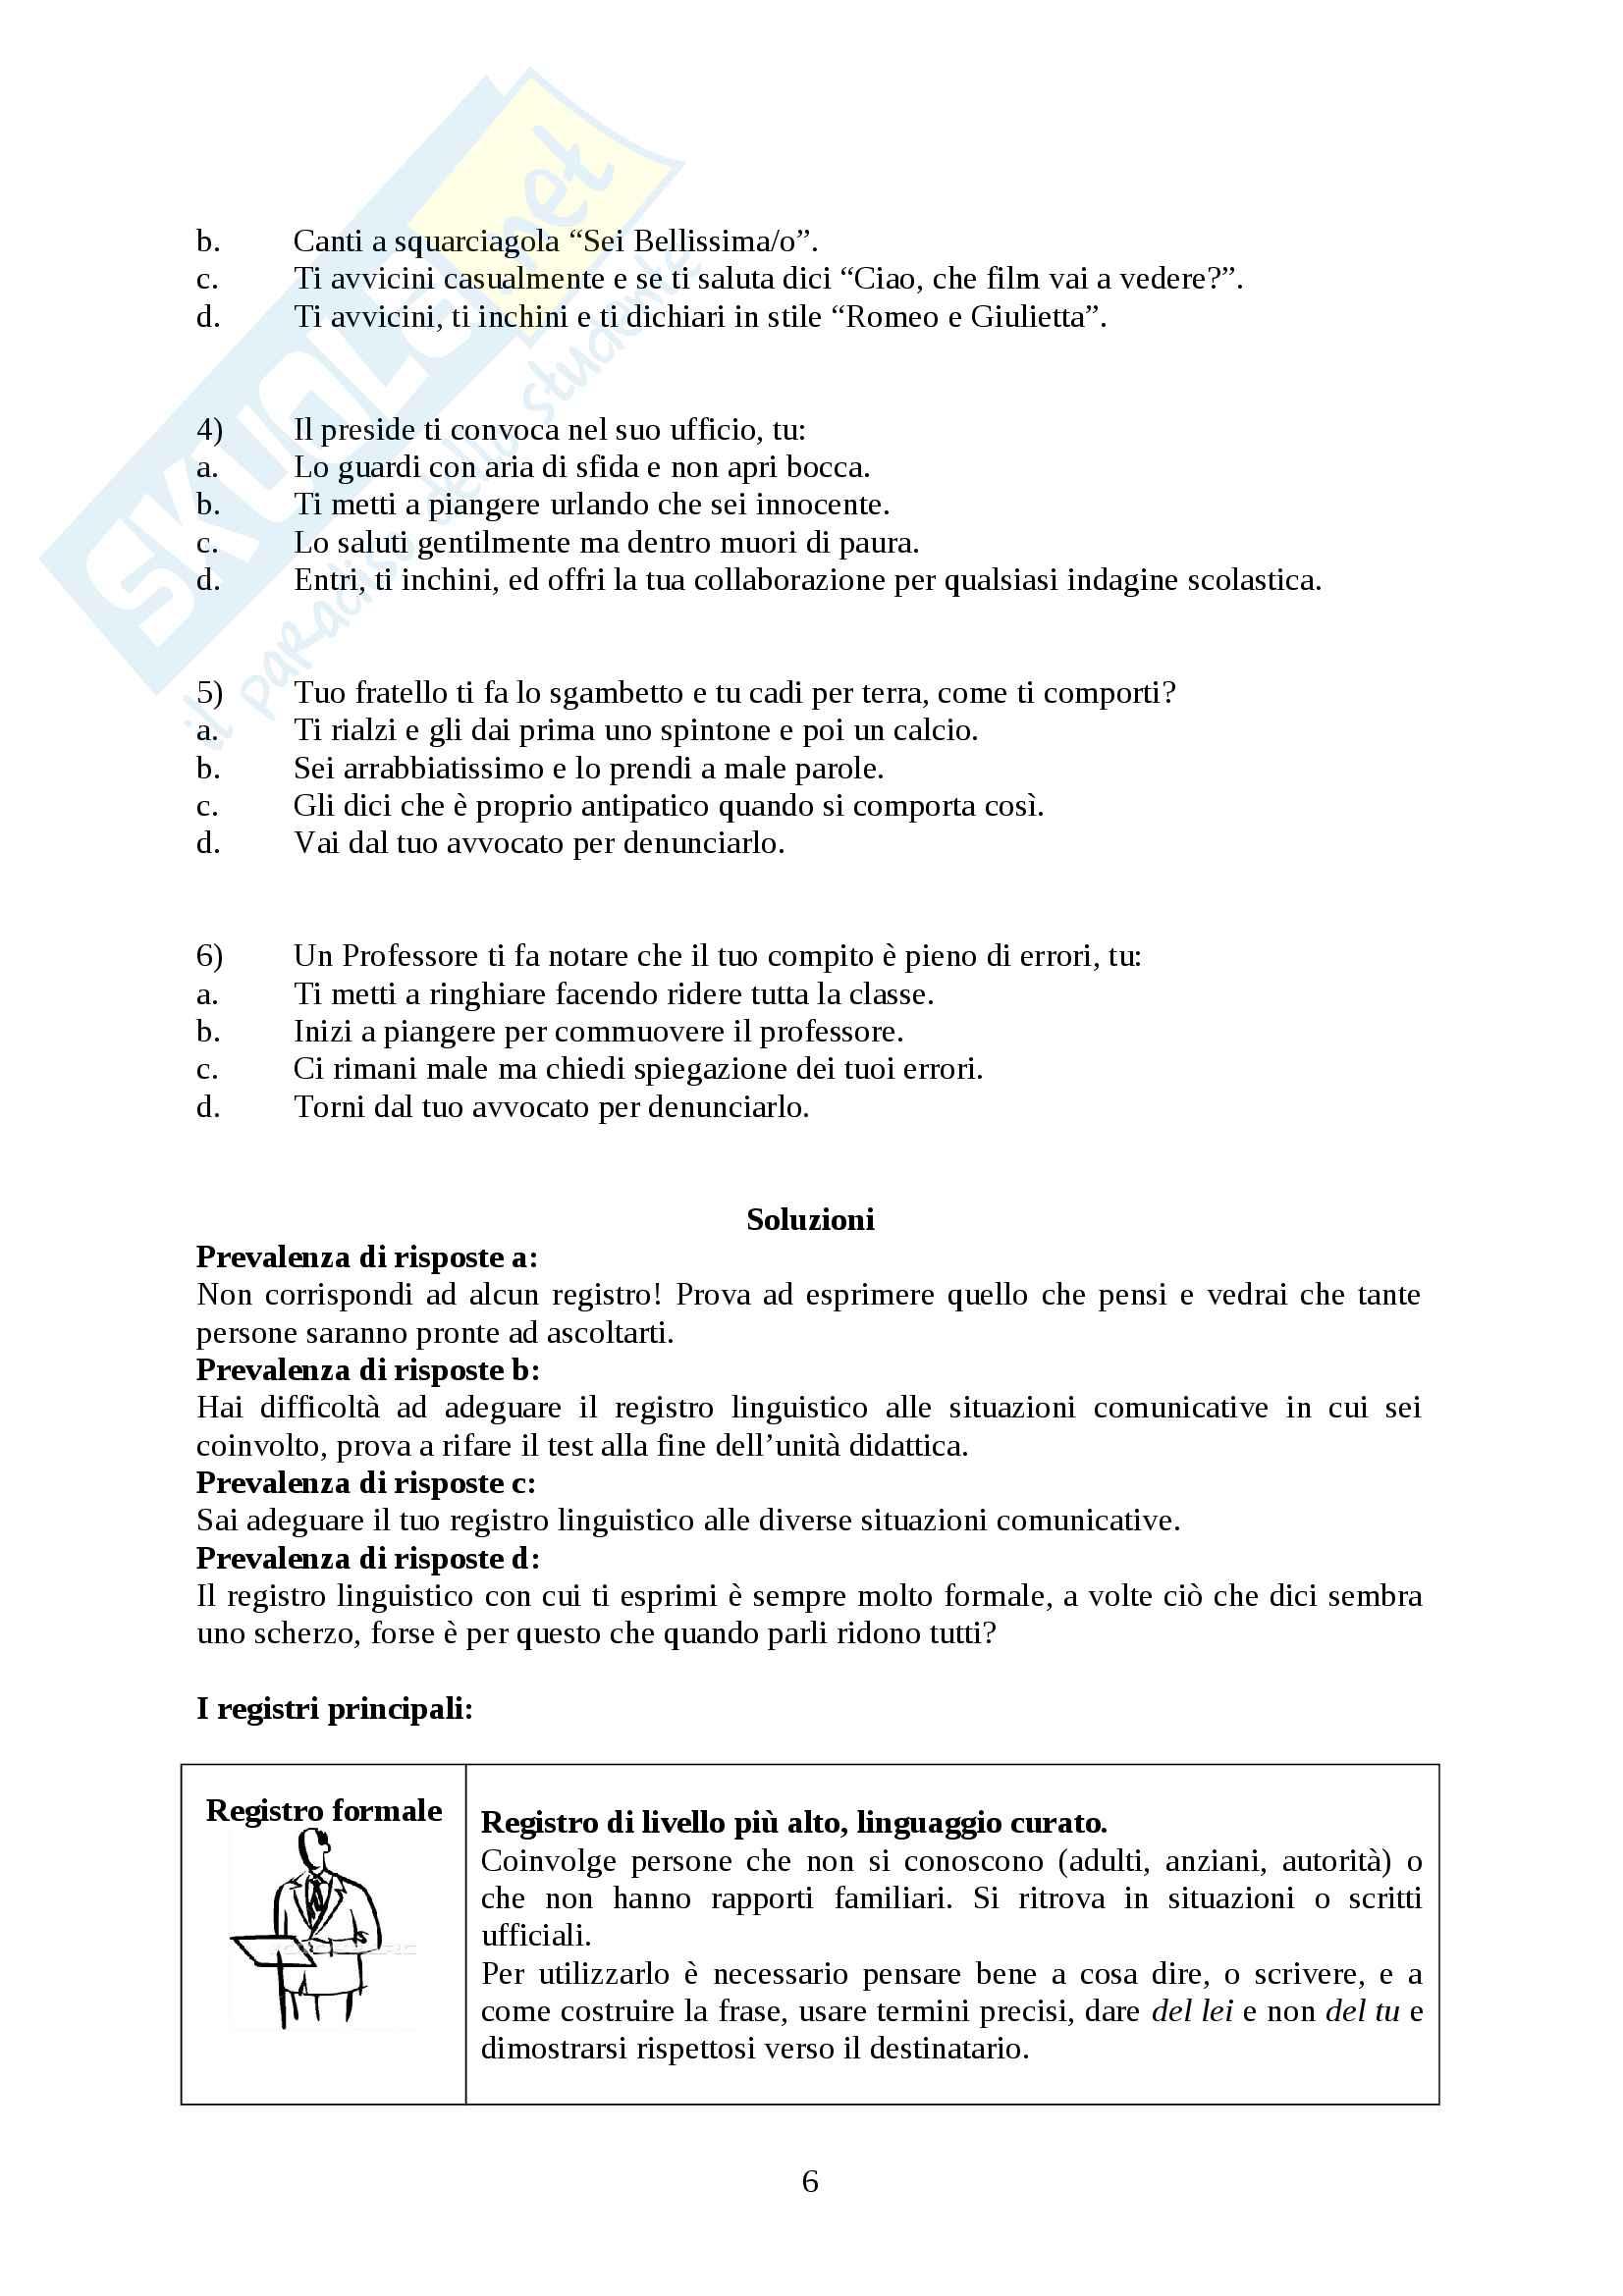 Registri linguistici - percorso didattico - unità di apprendimento Pag. 6